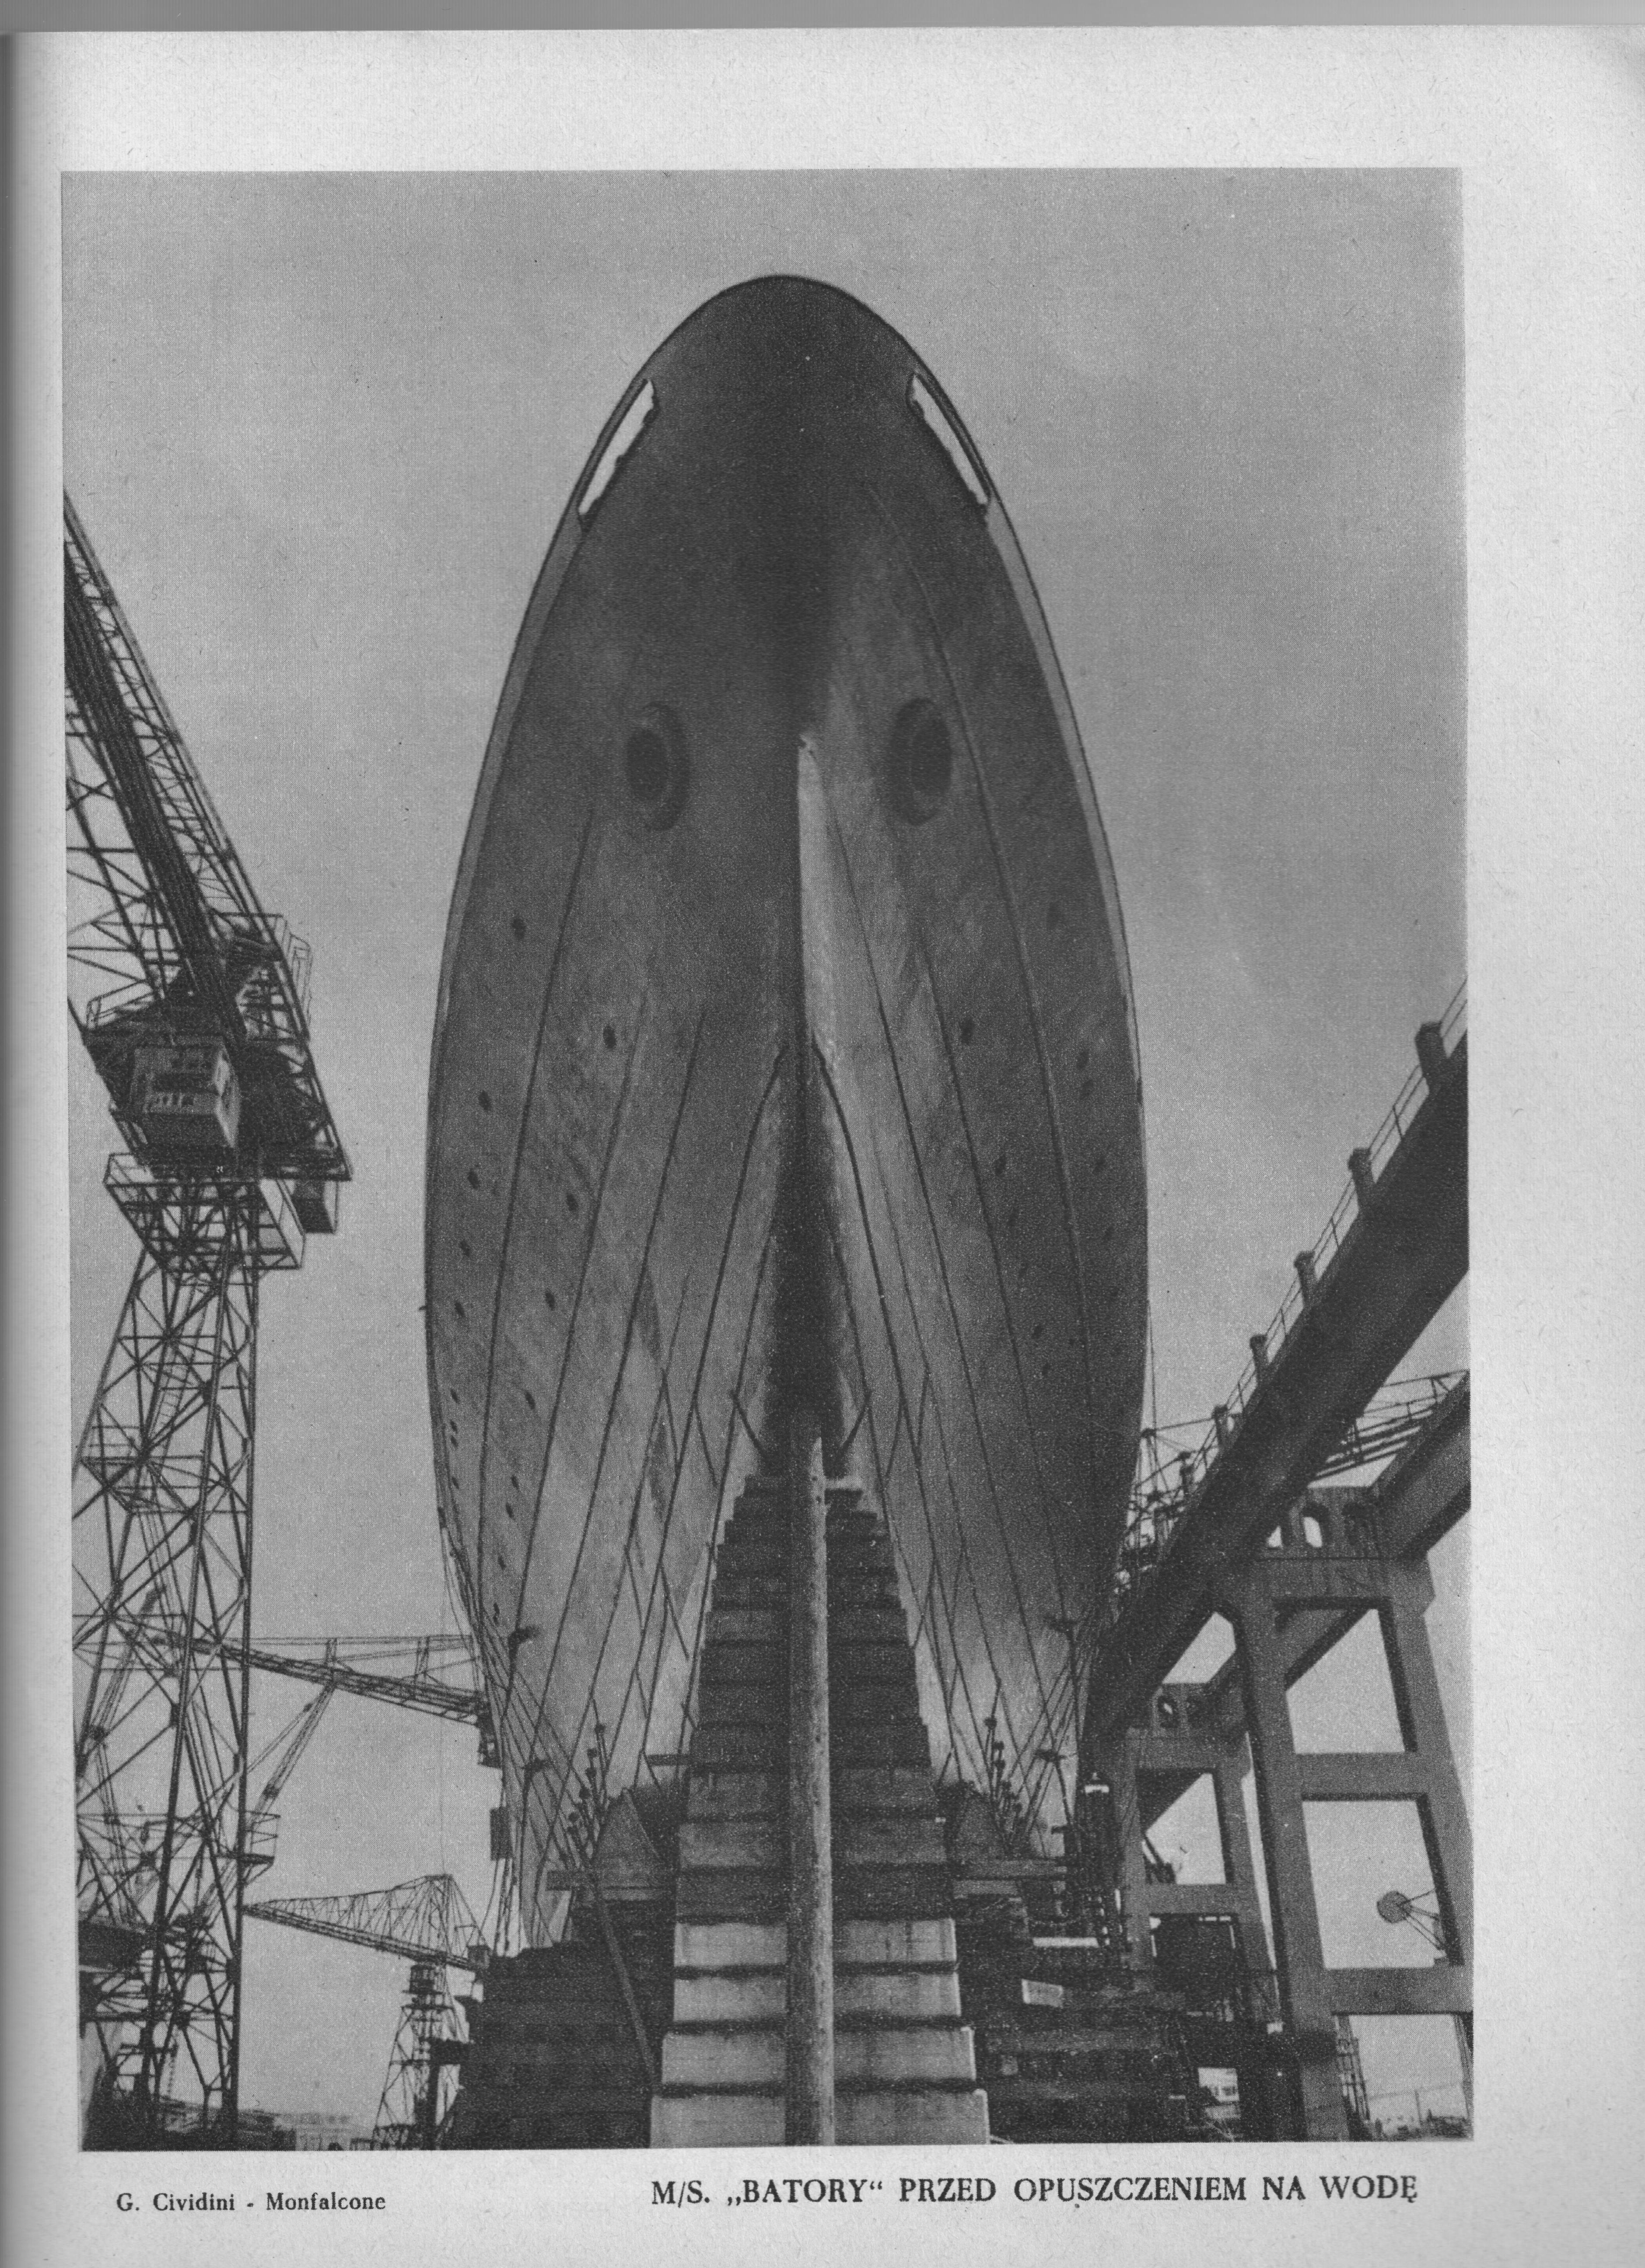 czarno-białe zdjęcie przedstawiające statek